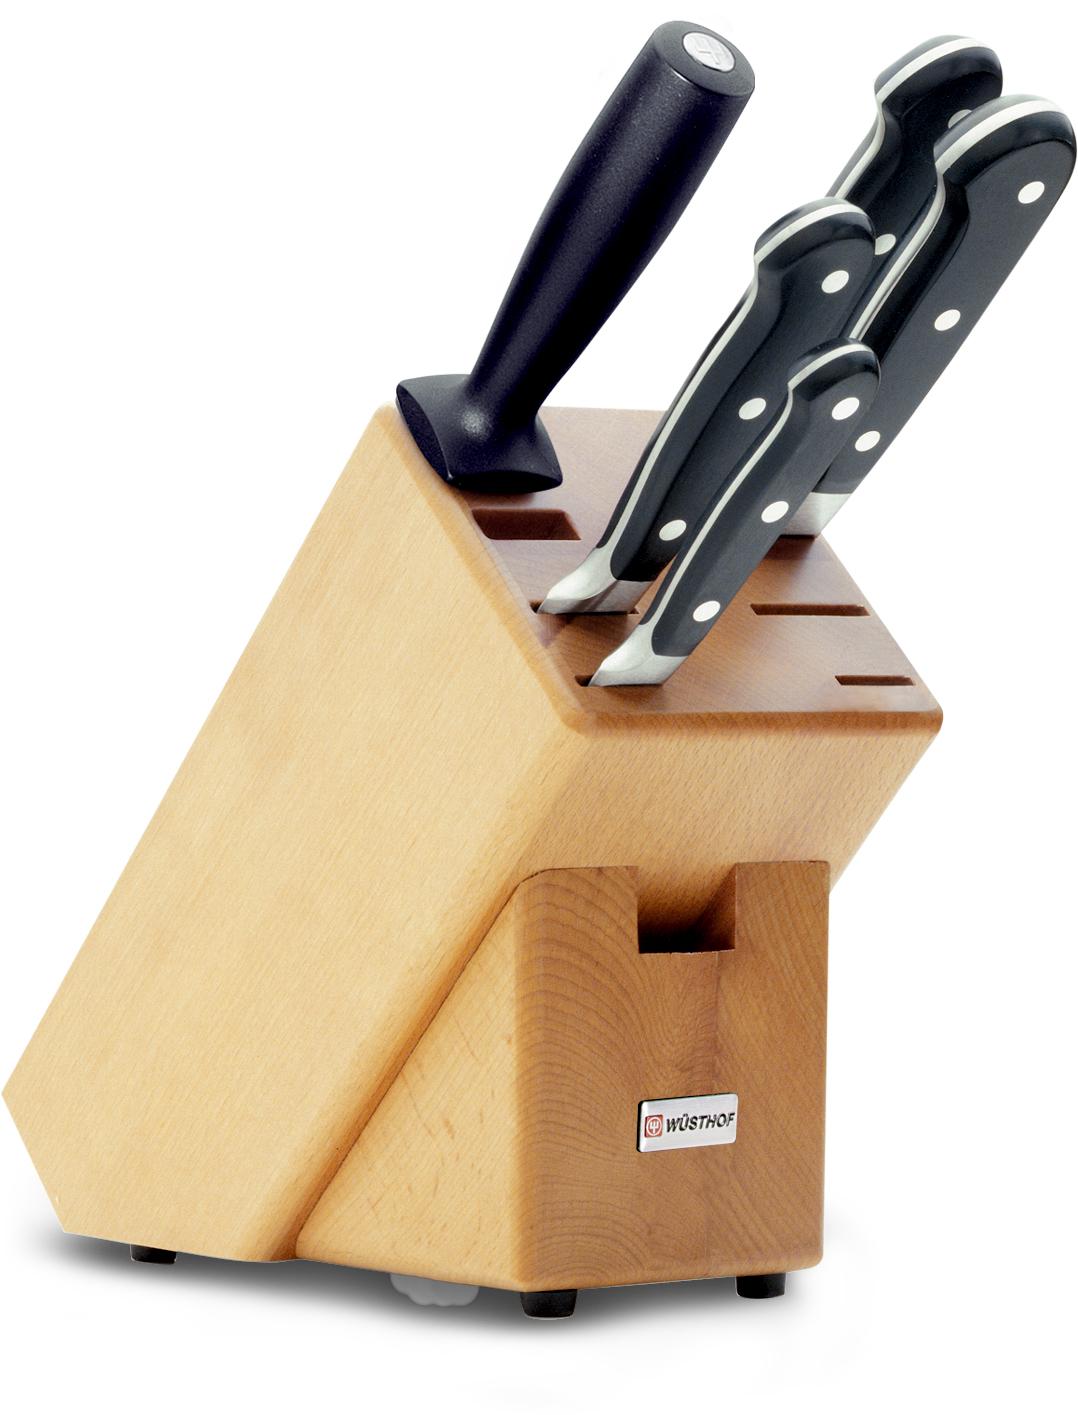 Wüsthof Classic Knivblock med 5 Knivar Bokträ